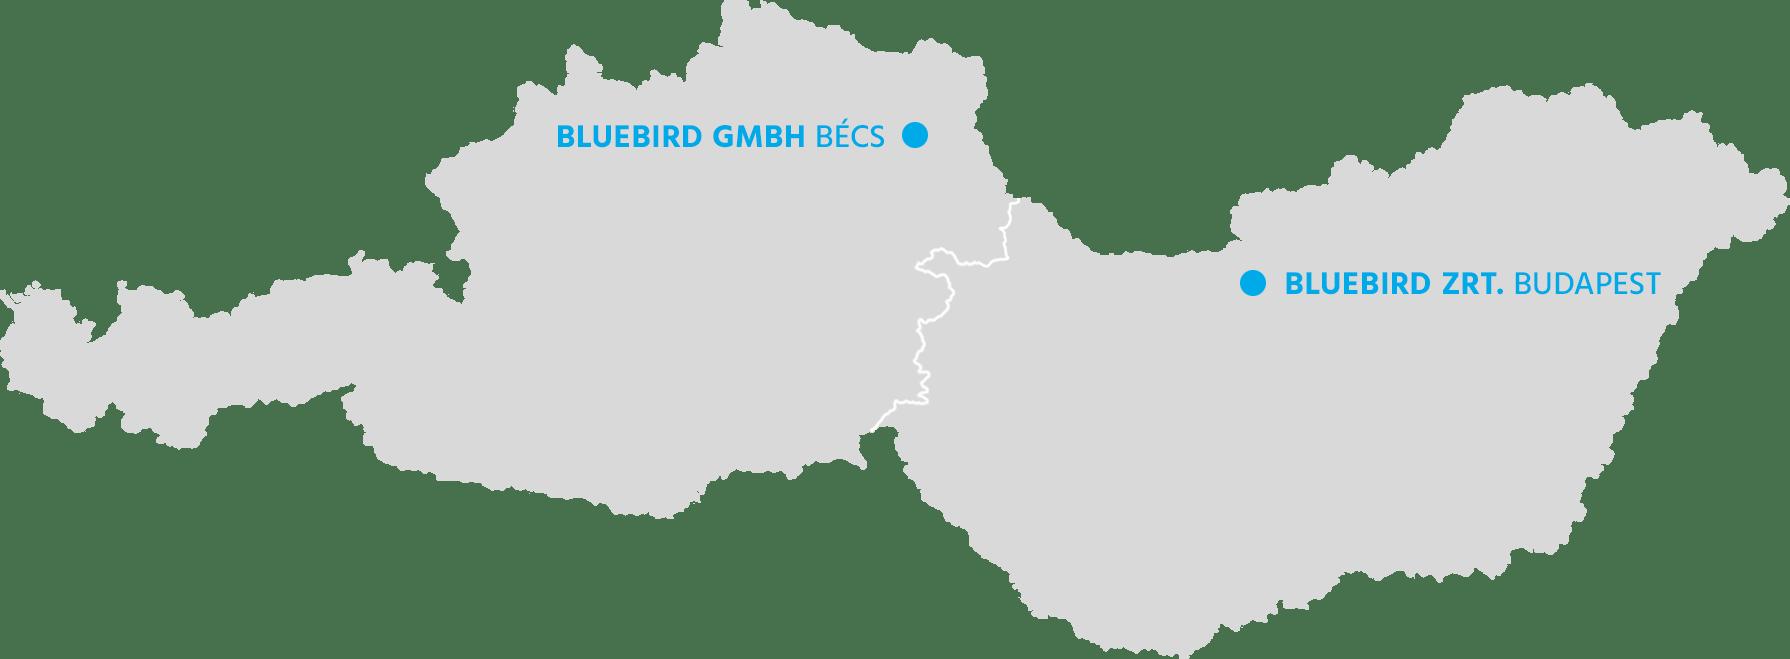 Bluebird offices